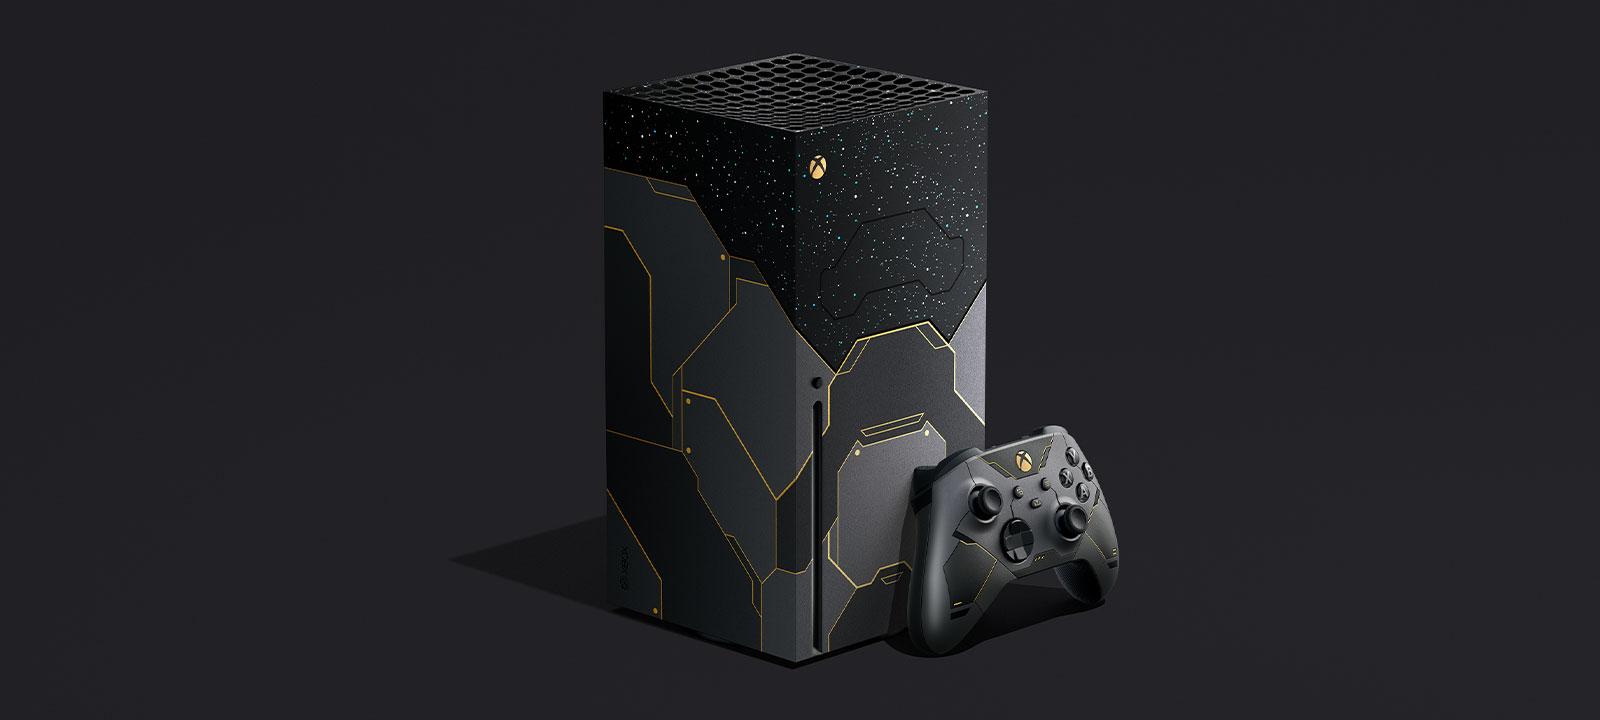 xbox series x halo infinite1